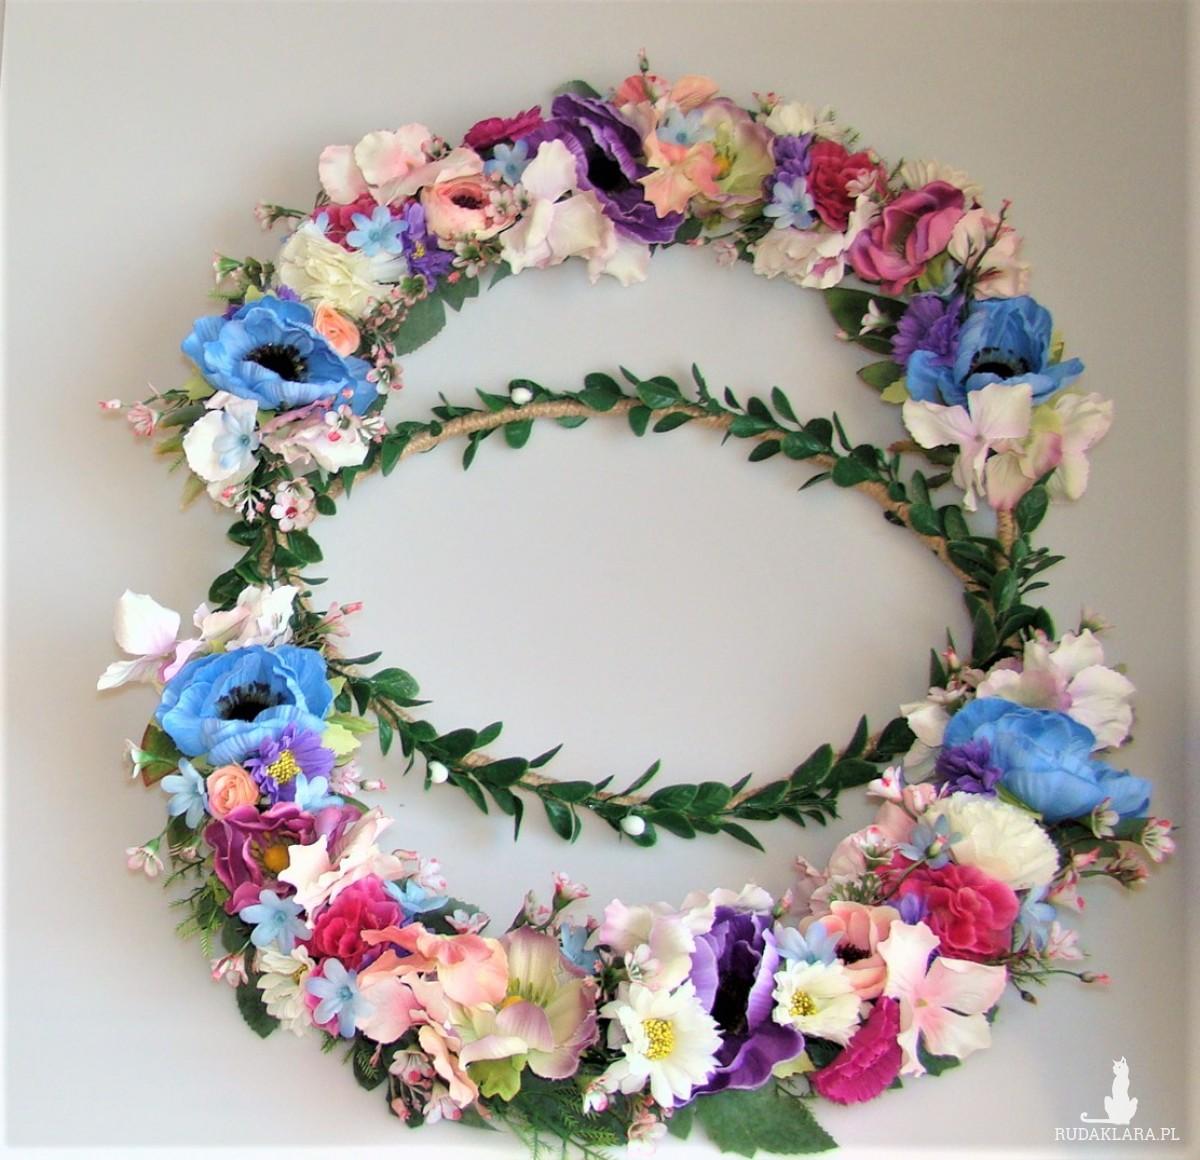 Wianek kwiatowy, ring dekoracyjny, ślub, ścianka za parą młodą, sesja zdjęciowa